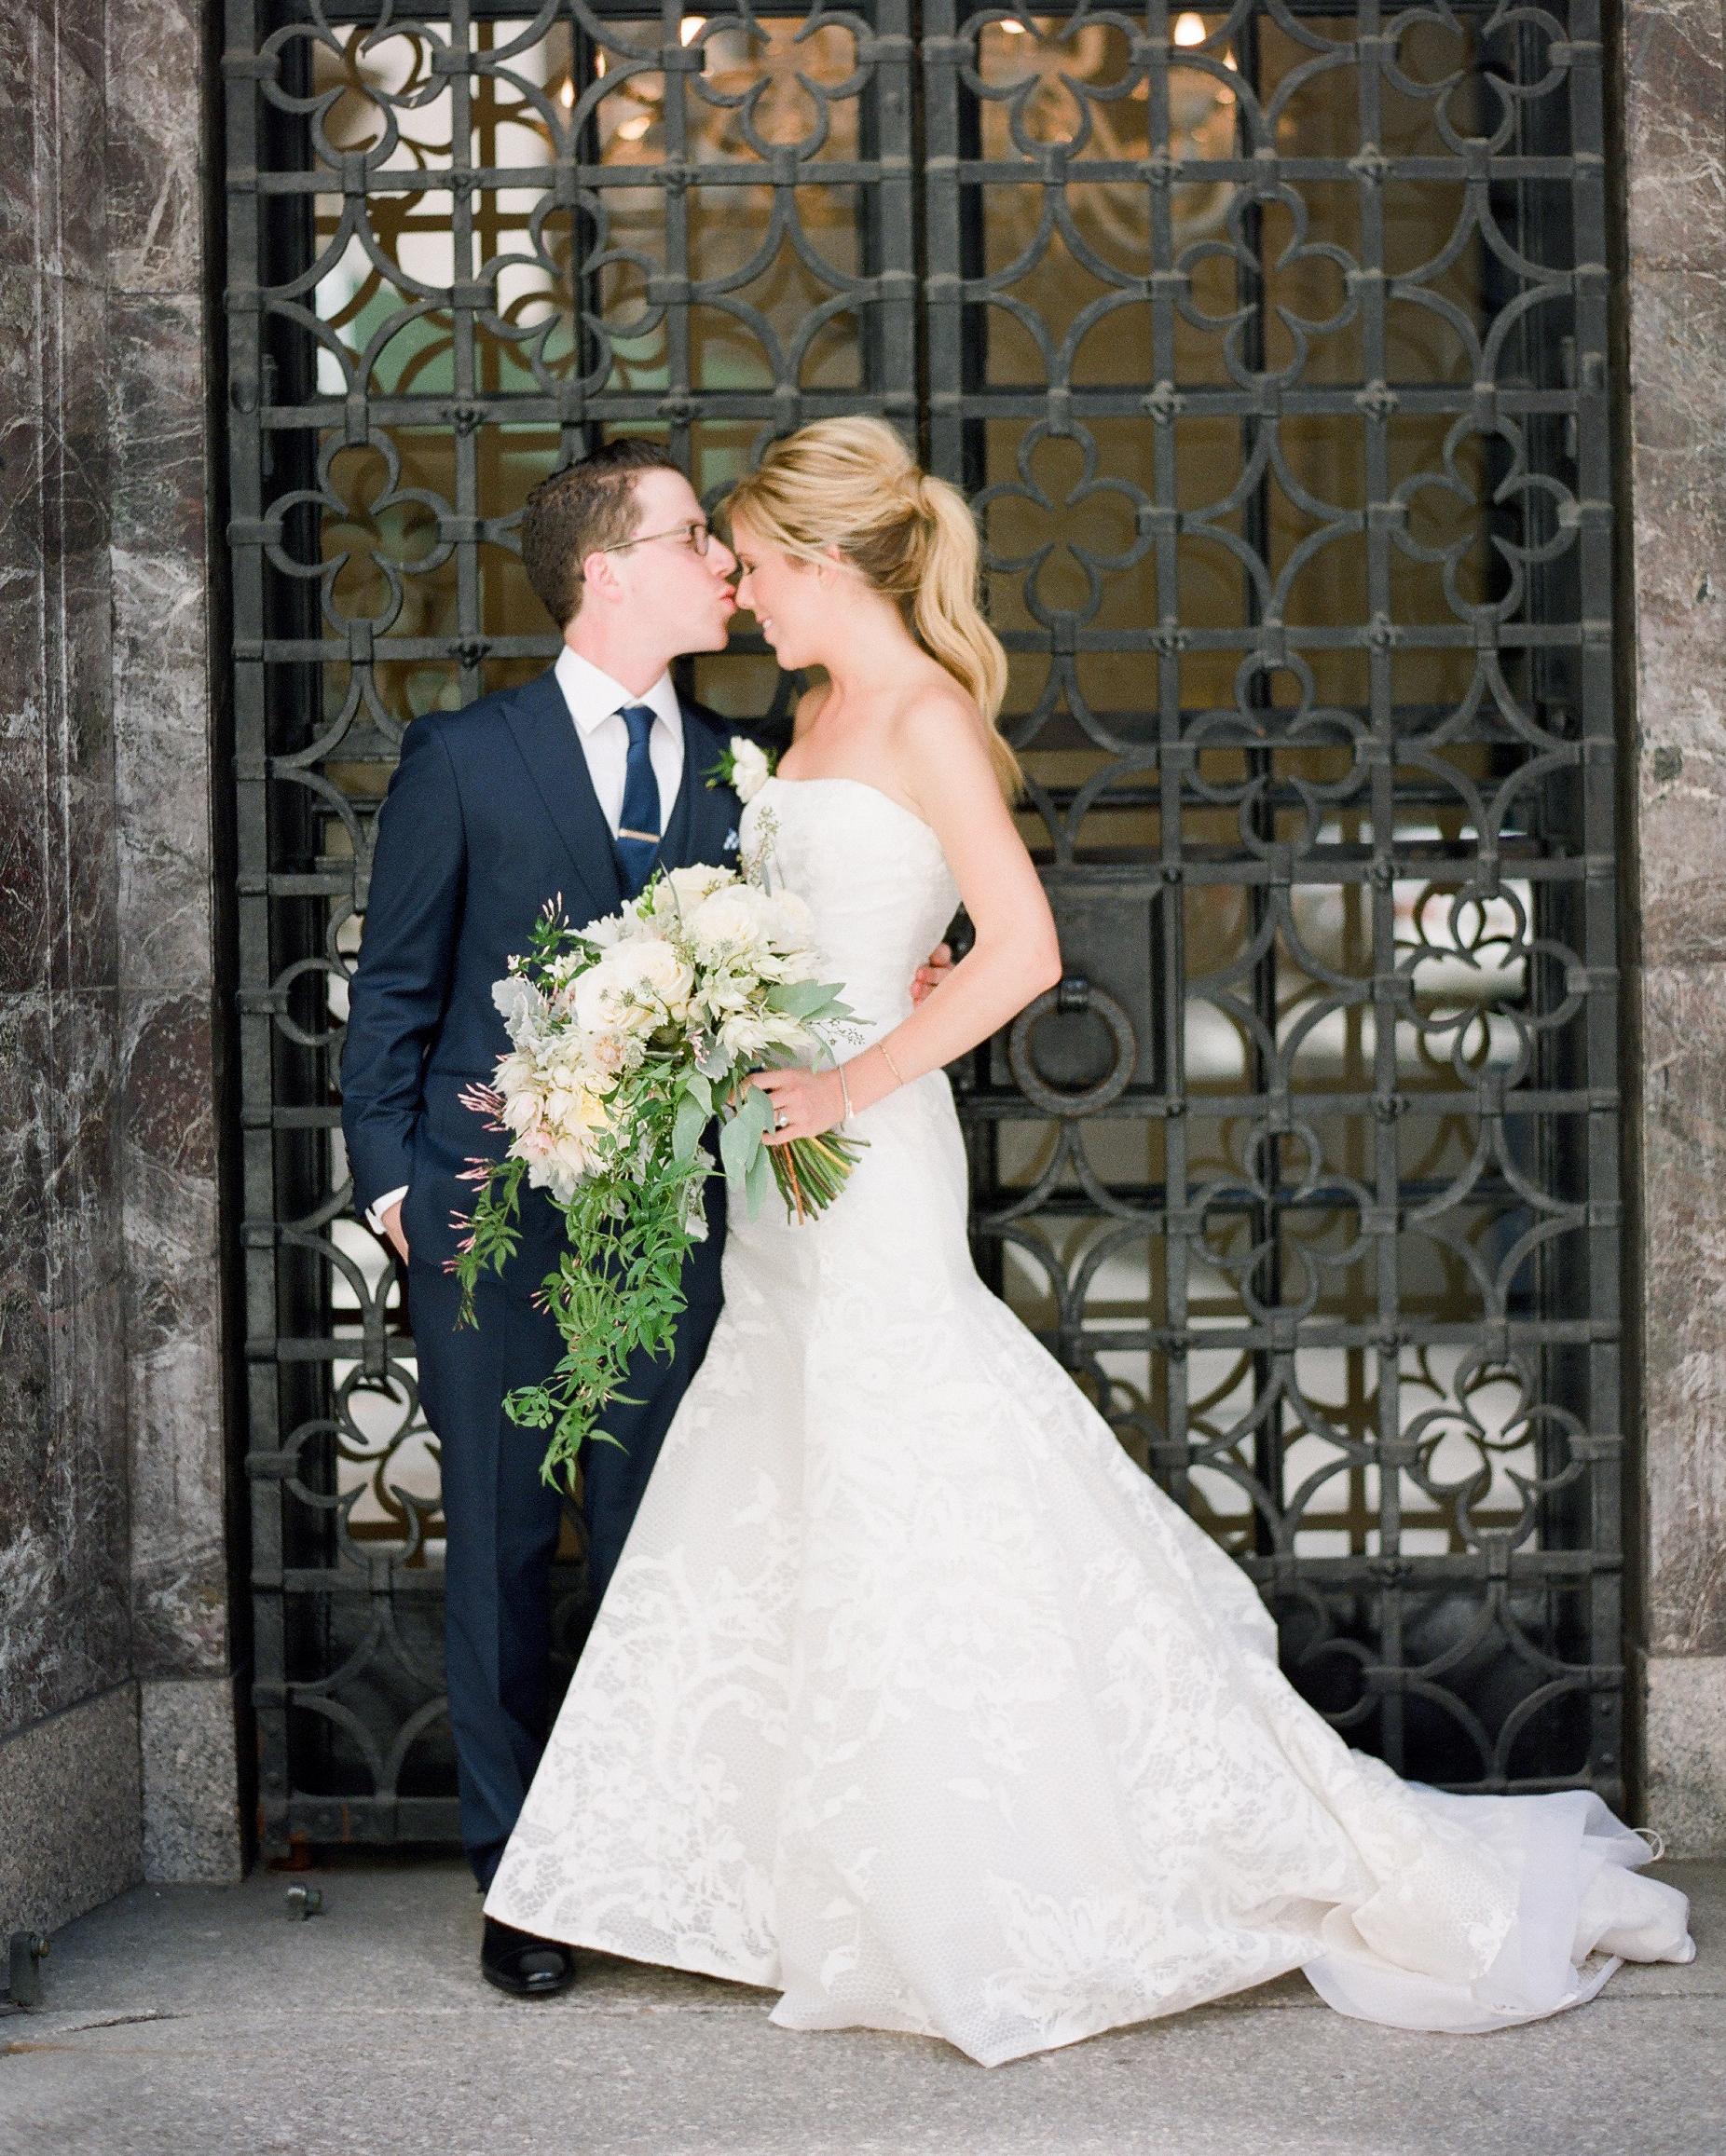 amy-bob-wedding-couple-0256-s111884-0715.jpg